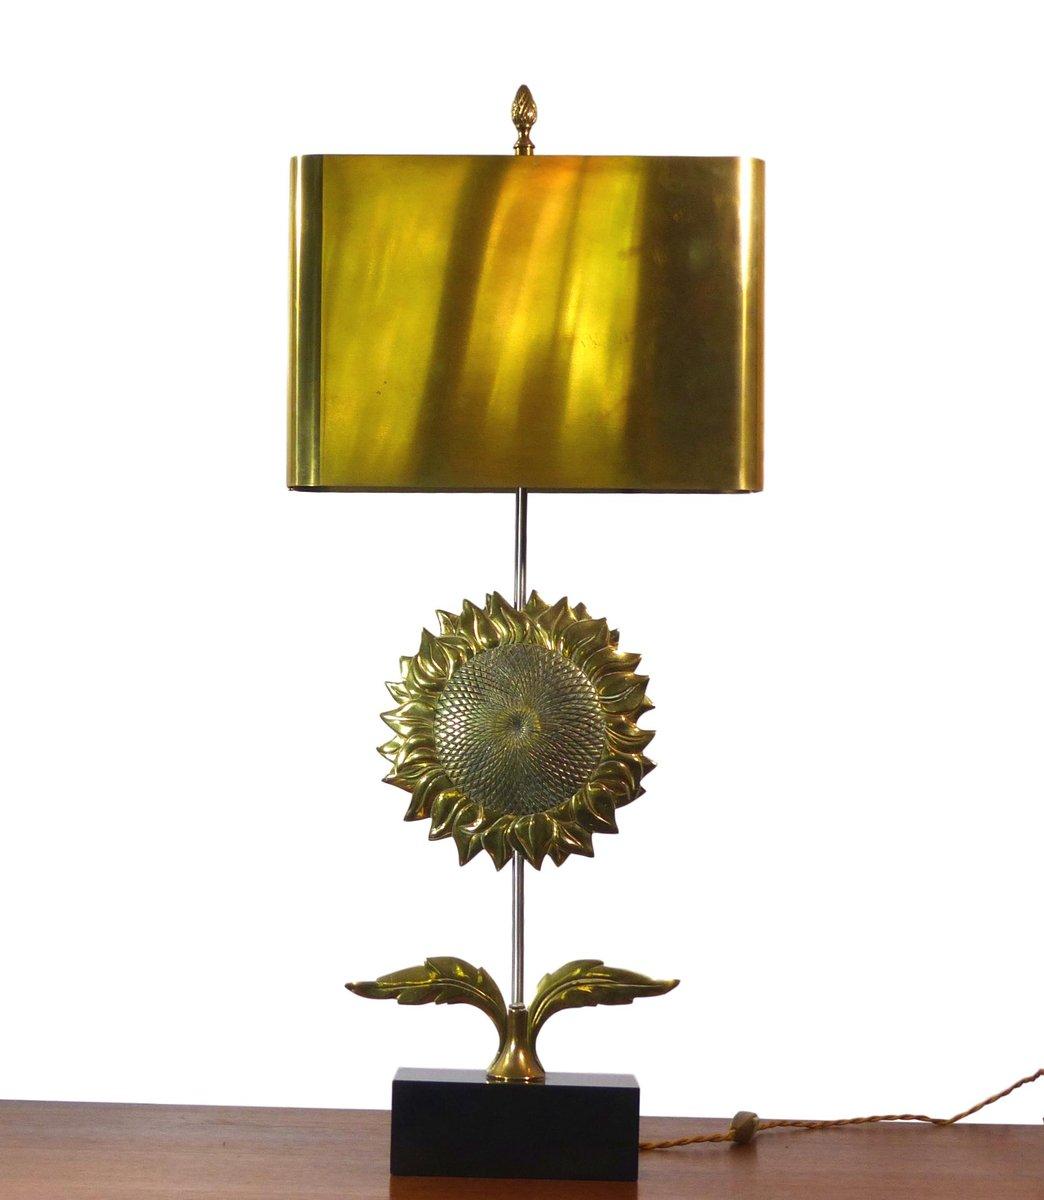 Vergoldete Tischlampe in Sonnenblumen-Optik von Chrystiane Charles für...